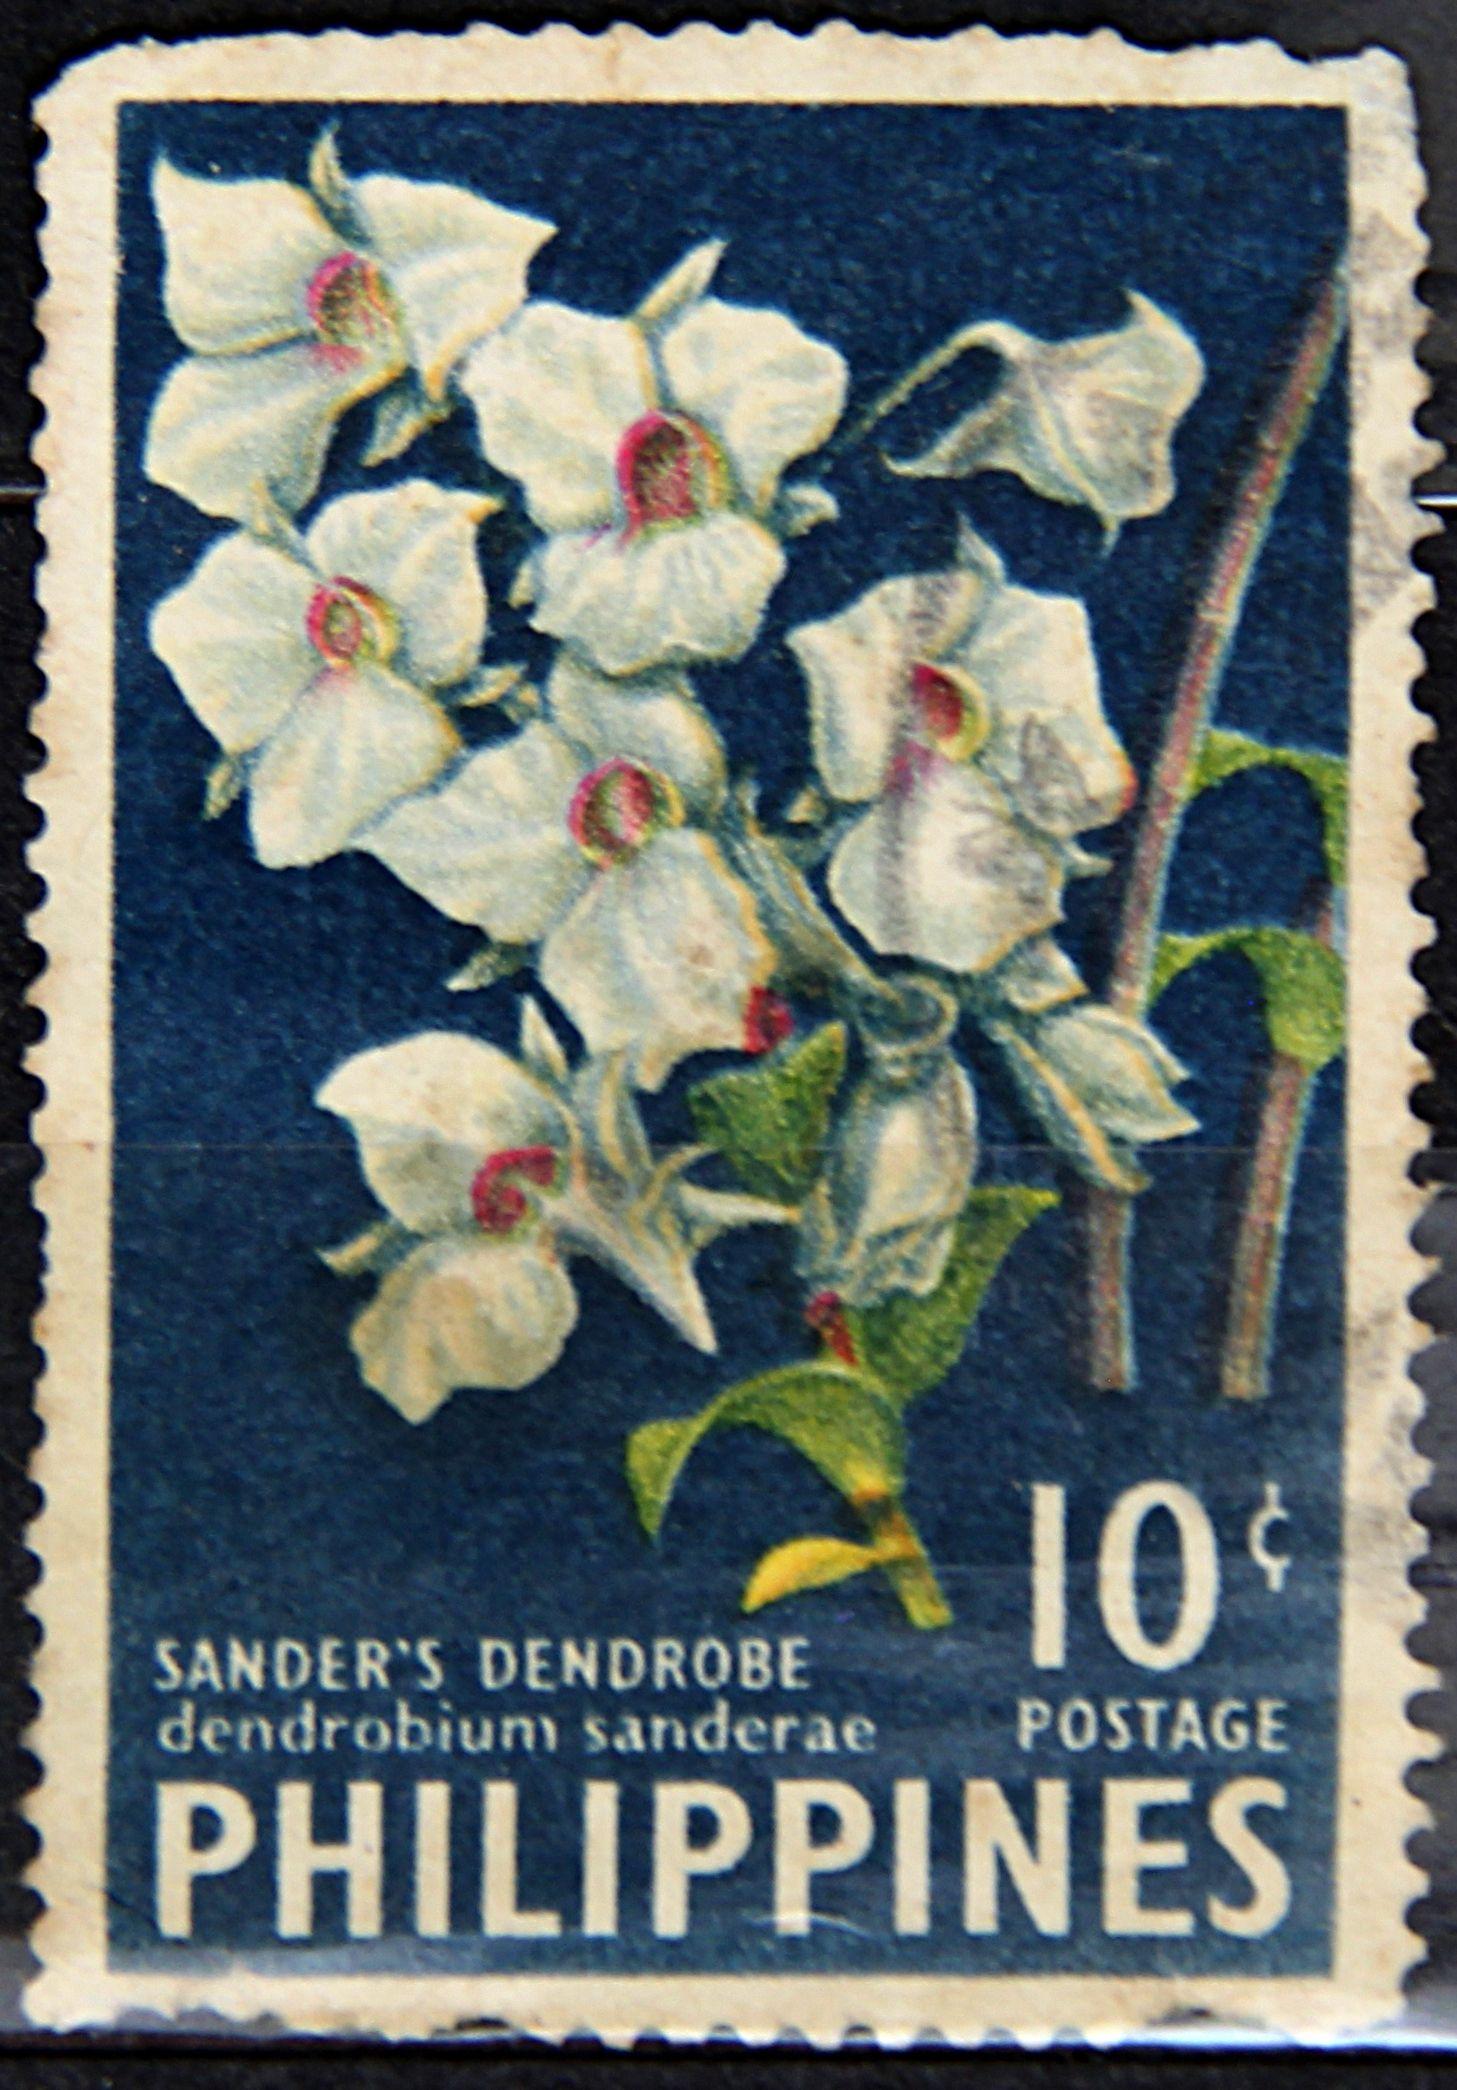 Philippines, DENDROBIUM SANDERAE (Mrs. Sander's Dendrobium